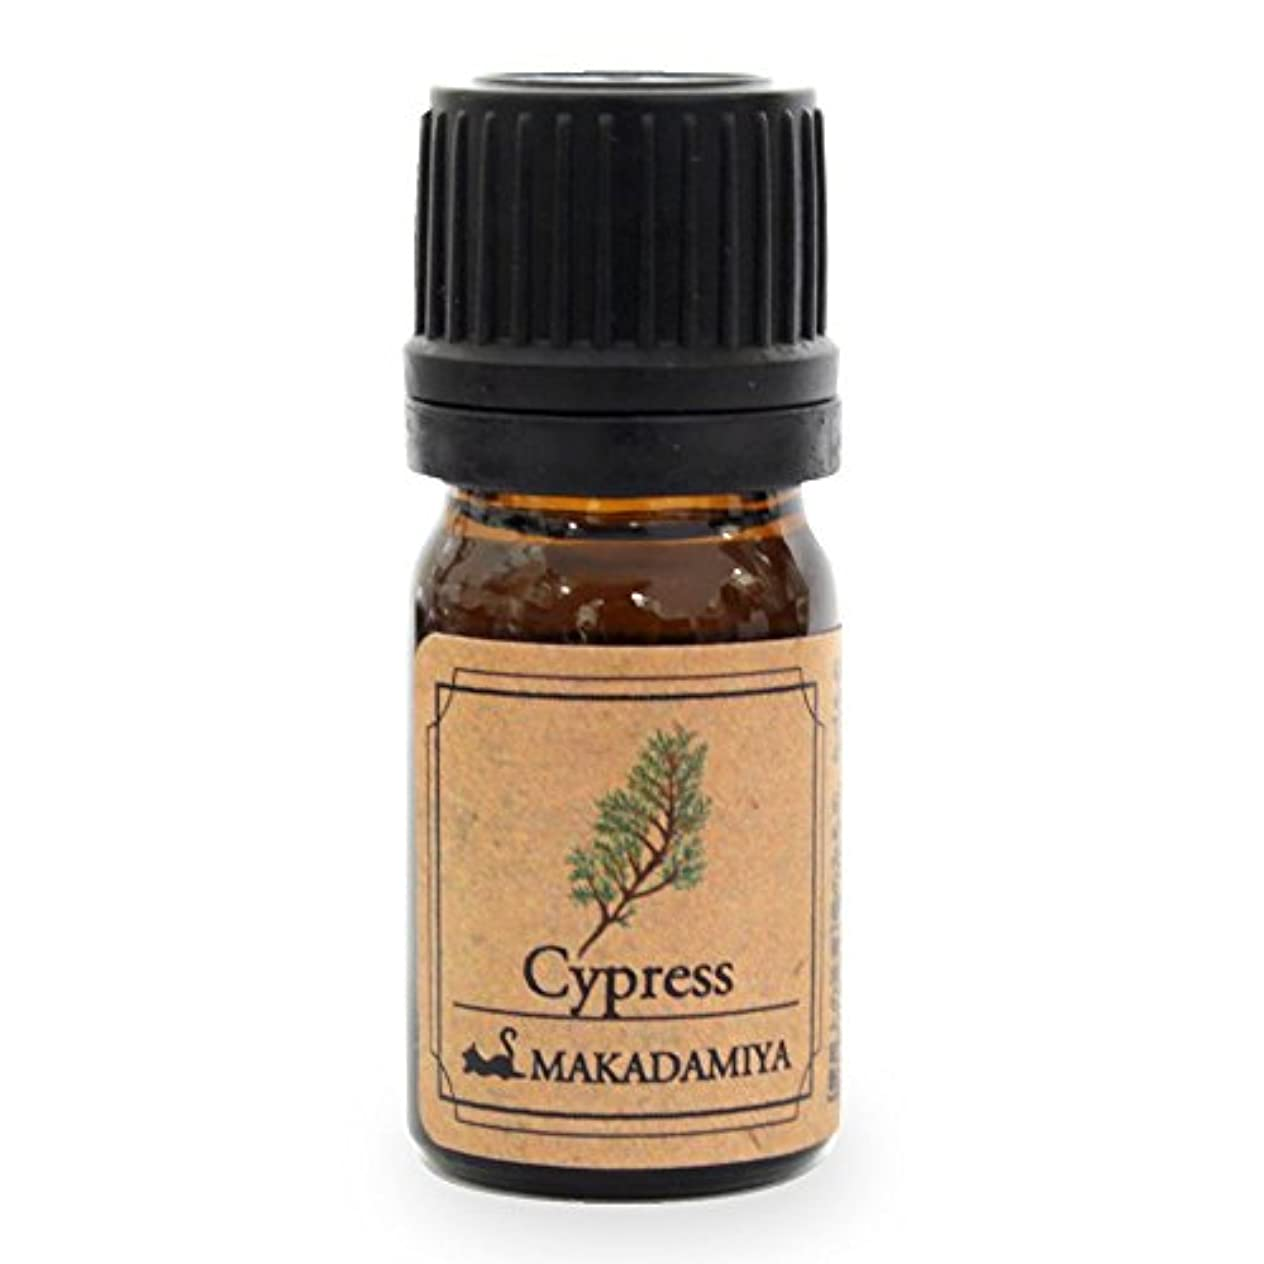 ベリーレパートリー利得サイプレス5ml 天然100%植物性 エッセンシャルオイル(精油) アロマオイル アロママッサージ aroma Cypress